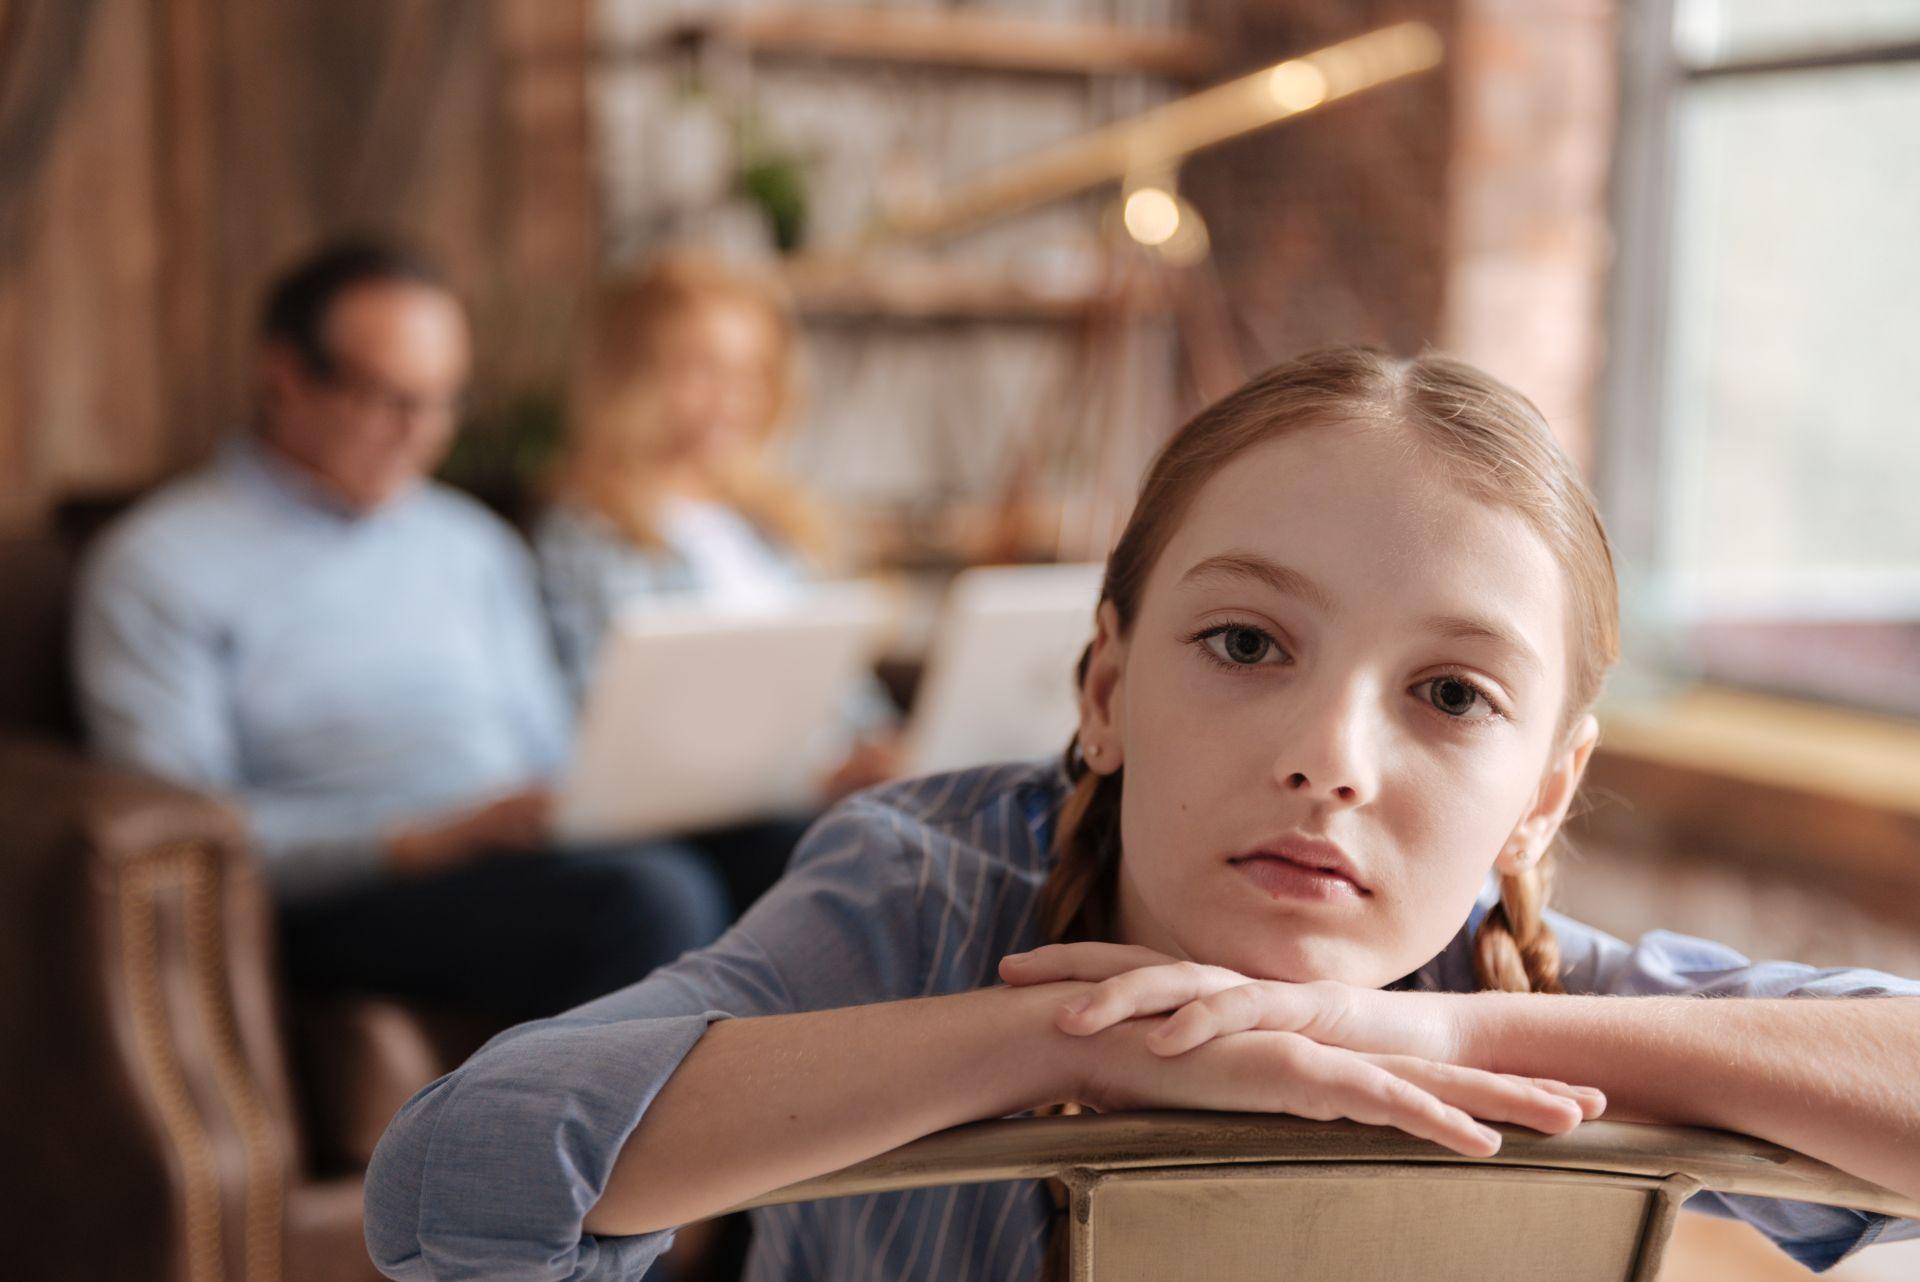 Para crianças, por exemplo, a prática não é recomendada. Foto: Bigstock